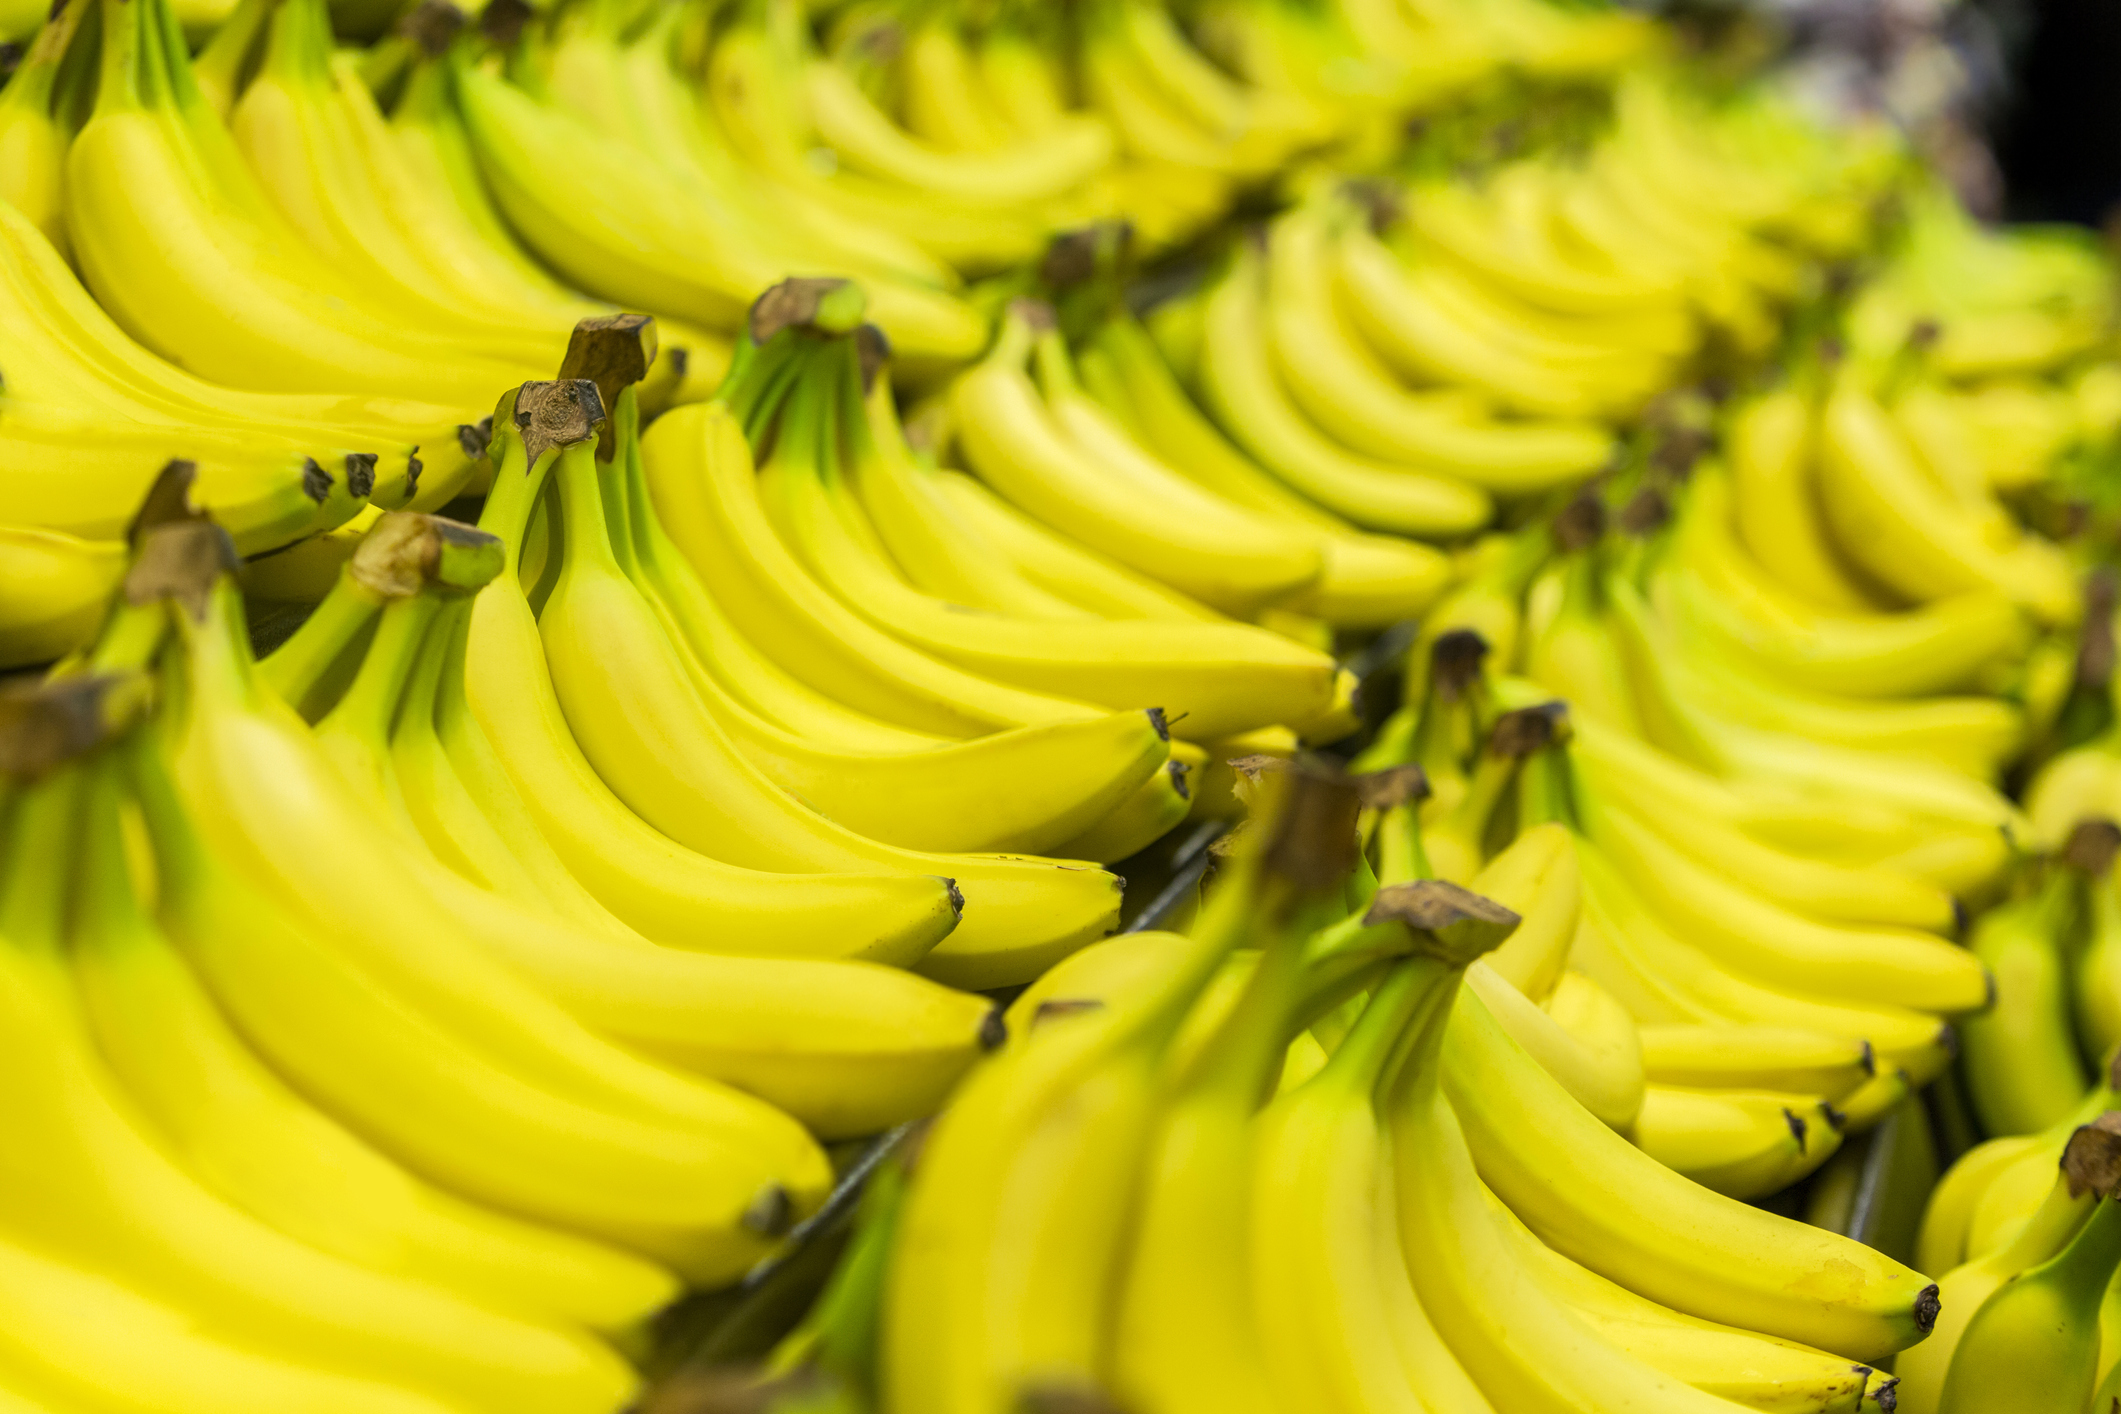 Un hongo imparable podría hacer que los plátanos se extingan - VICE